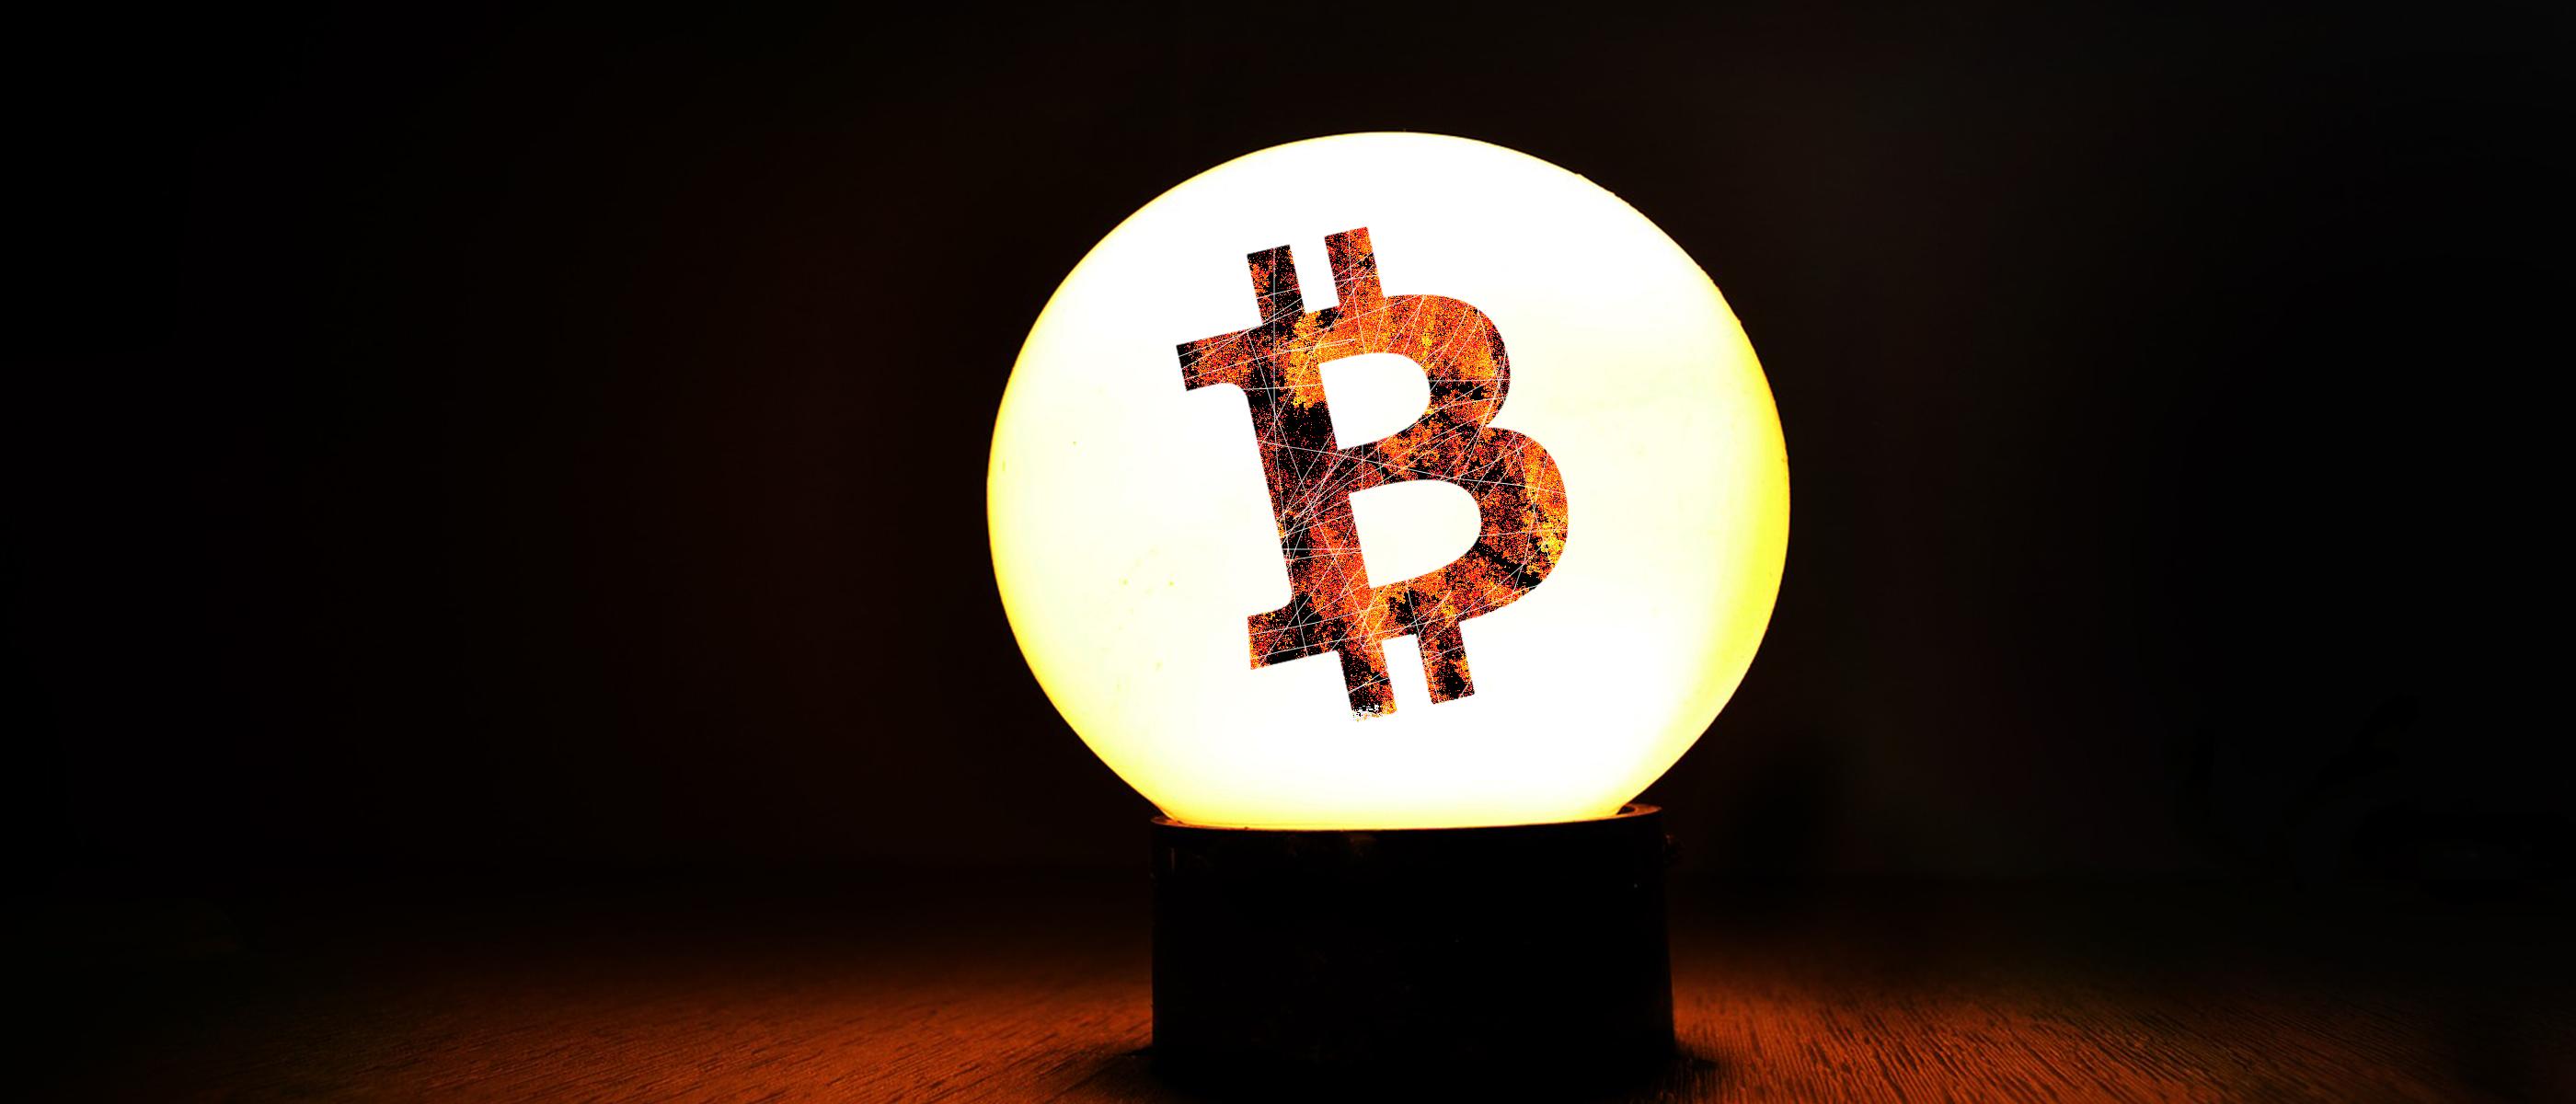 ビットコイン開発者、大手投資銀行の元CEOらがSECに抗議文書を提出